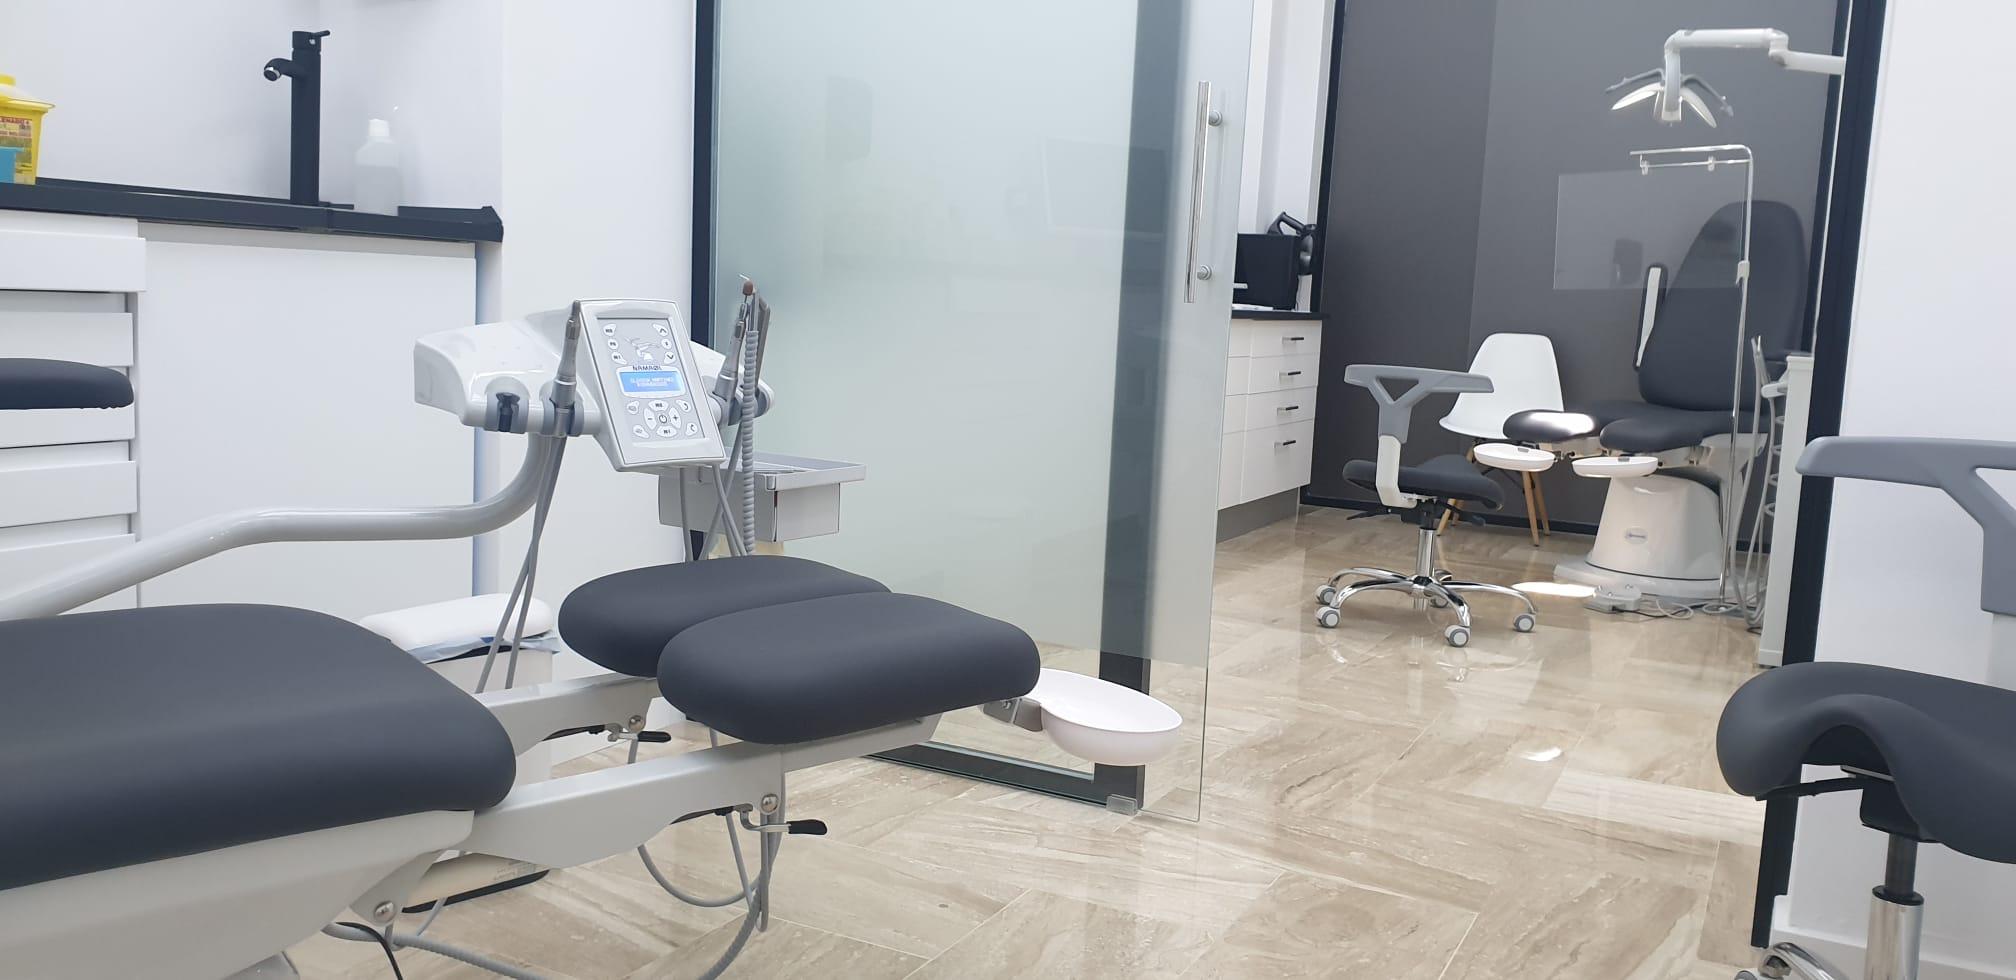 Salas de tratamiento de Clínica de Podología en Elche